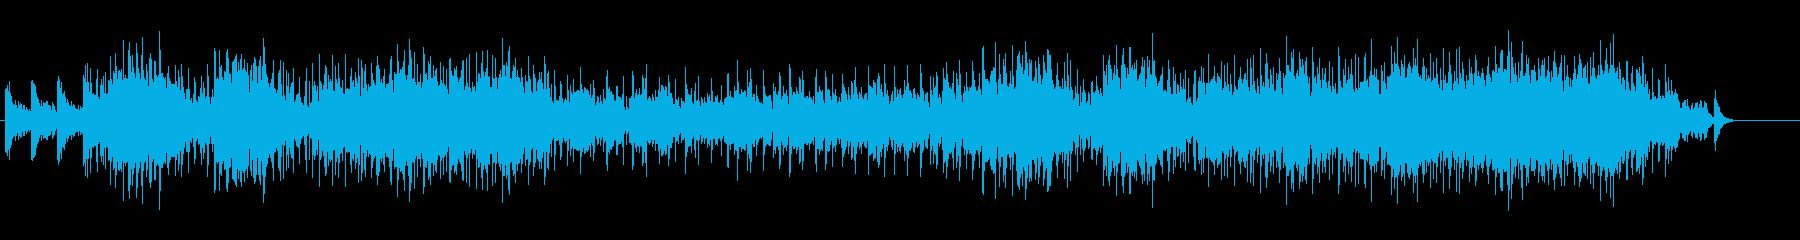 さりげない爽やかさのフュージョンの再生済みの波形